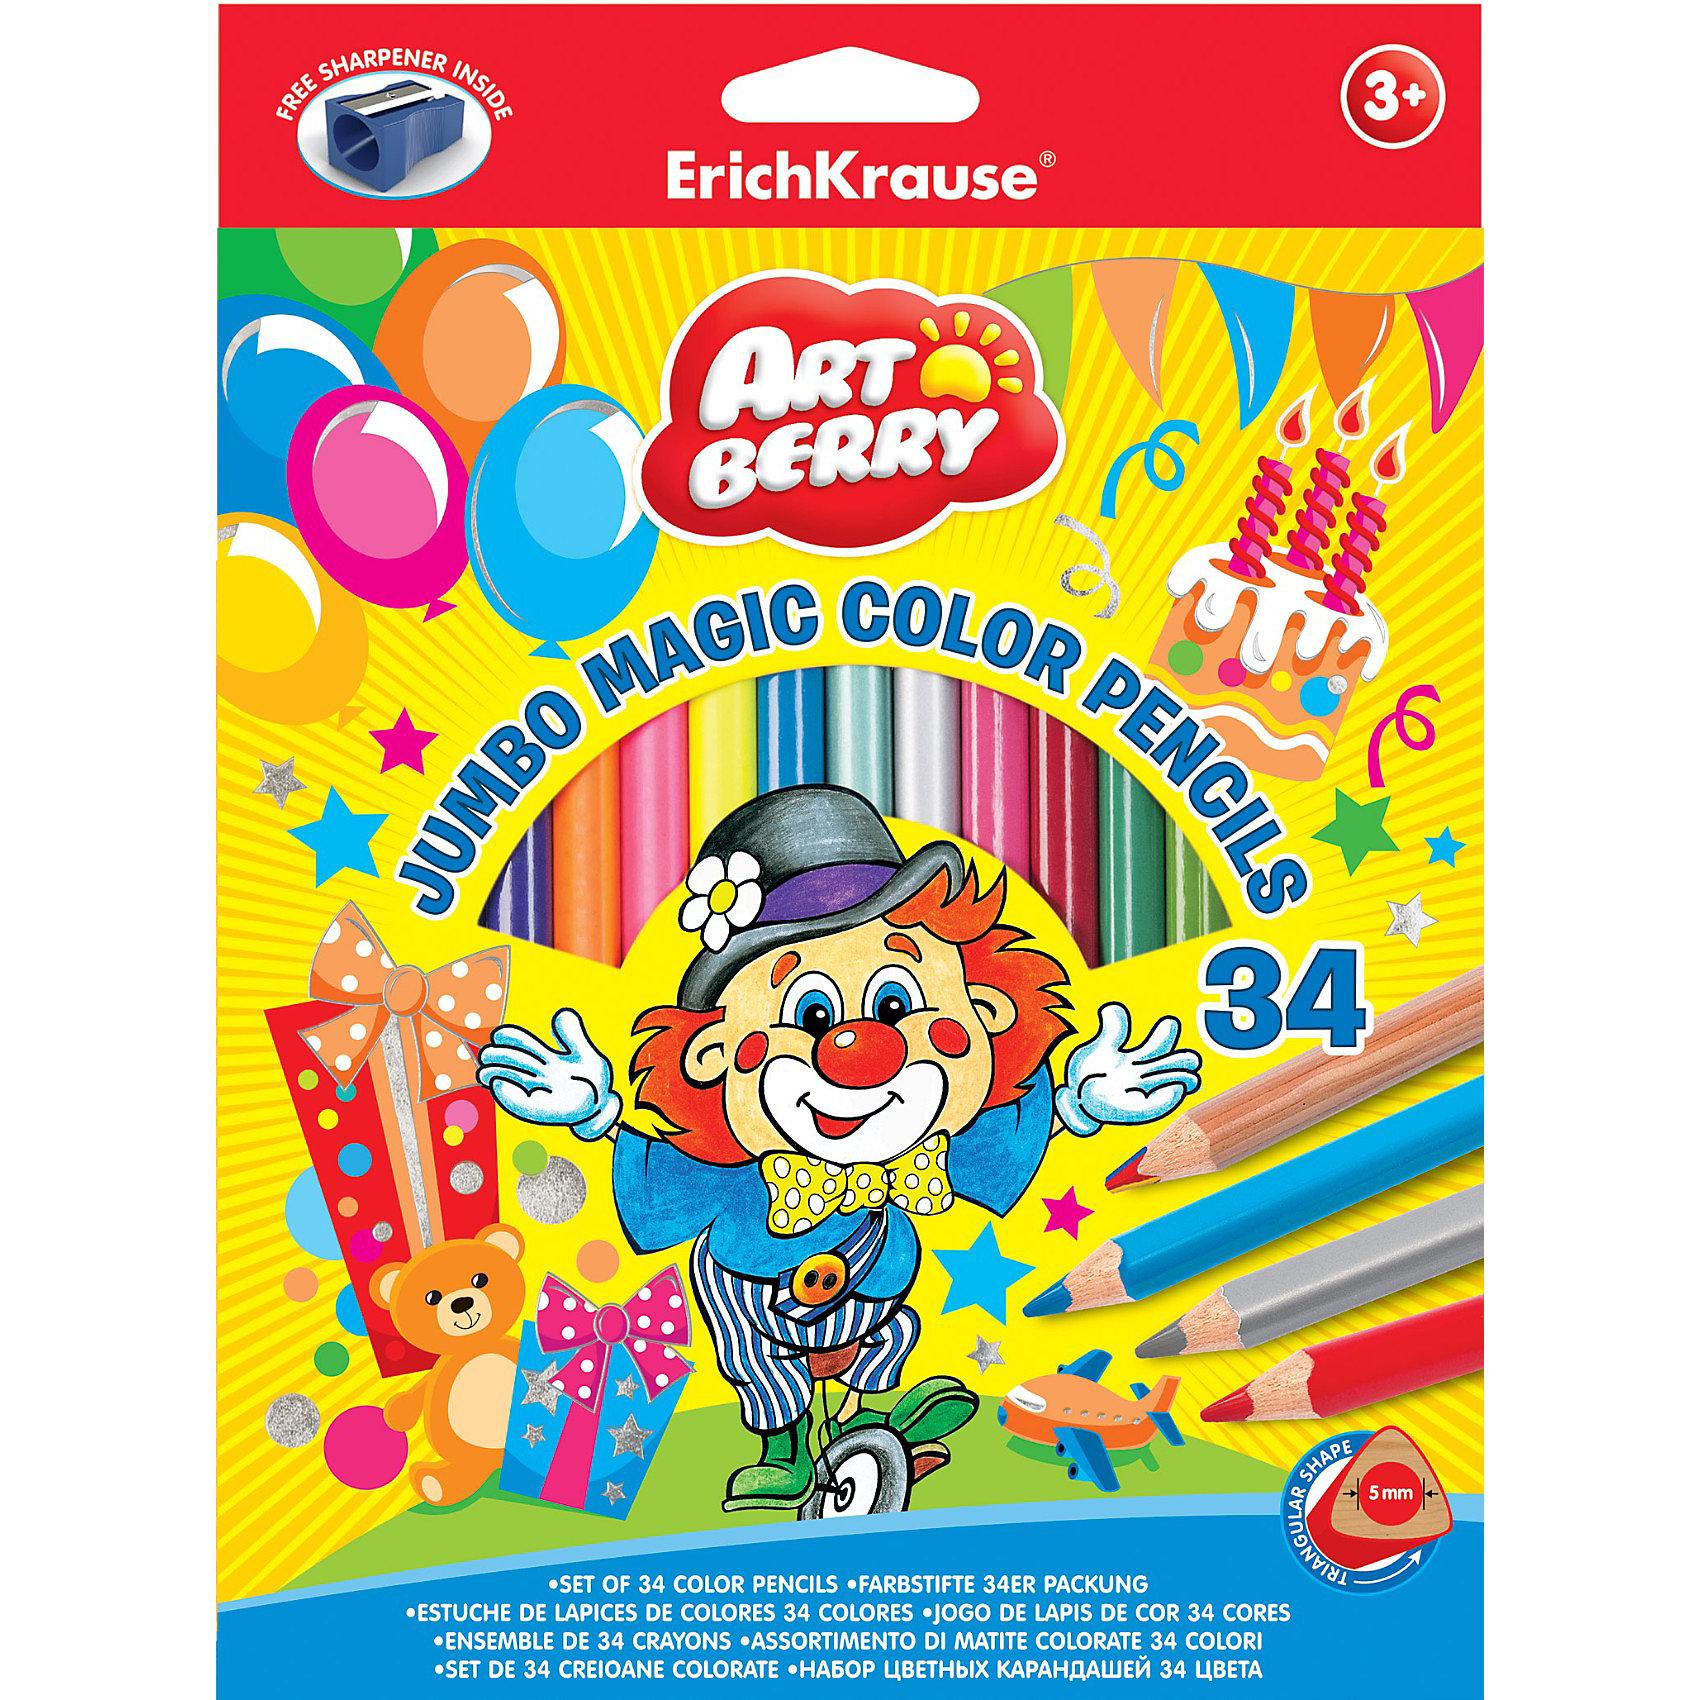 Цветные карандаши, 34цв., треугольн., с точилкой. Artberry JumboПисьменные принадлежности<br>Набор цветных карандашей Erich Krause (Эрих Краузе) Artberry Jumbo состоит из 20 карандашей классического цвета, а также 6 карандашей цвета металлик, 4 неонового цвета и 4  разноцветны карандаша. Все карандаши  выполнены в корпусе треугольного сечения. В комплект также входит точилка для карандашей.<br><br>Дополнительная информация:<br><br>- прочный неломающийся грифель<br>- диаметр грифеля 5.0мм,<br>- корпус треугольный<br>- размер упаковки: 19 х 2 х 24 см<br><br>Цветные карандаши, 34цв., треугольн., с точилкой. Artberry Jumbo можно купить в нашем магазине.<br><br>Ширина мм: 190<br>Глубина мм: 20<br>Высота мм: 240<br>Вес г: 478<br>Возраст от месяцев: 36<br>Возраст до месяцев: 72<br>Пол: Унисекс<br>Возраст: Детский<br>SKU: 3525227